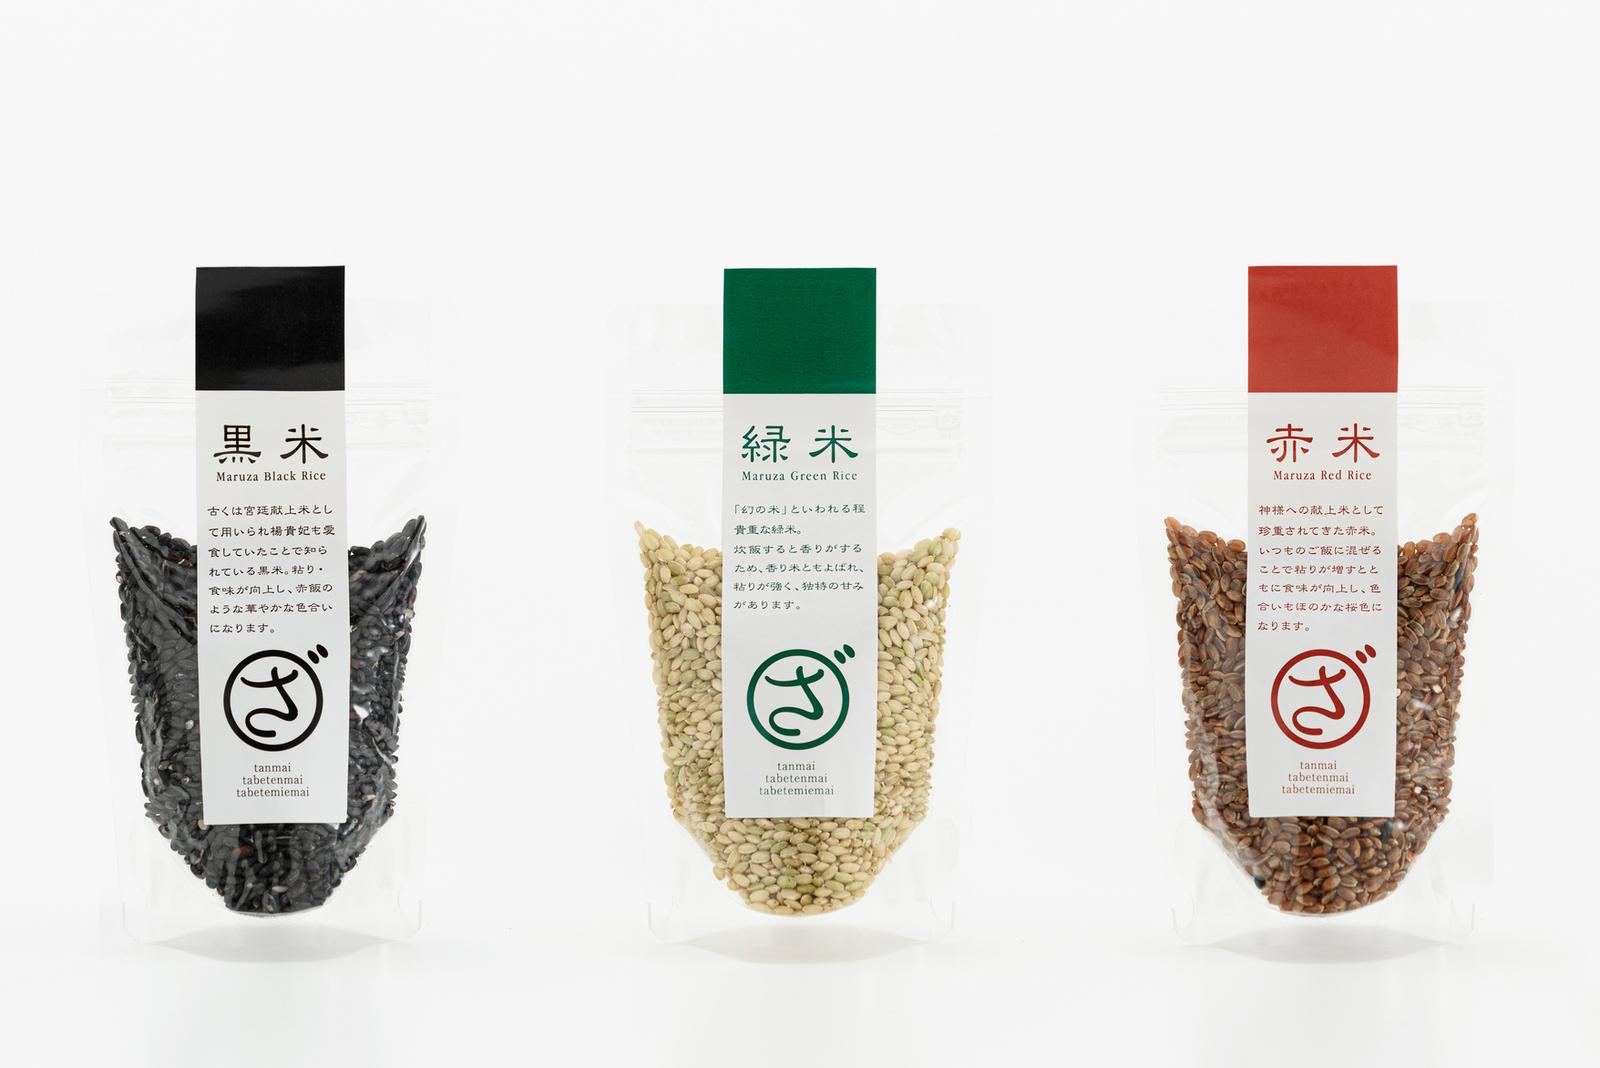 まるざ古代米 3種類セット